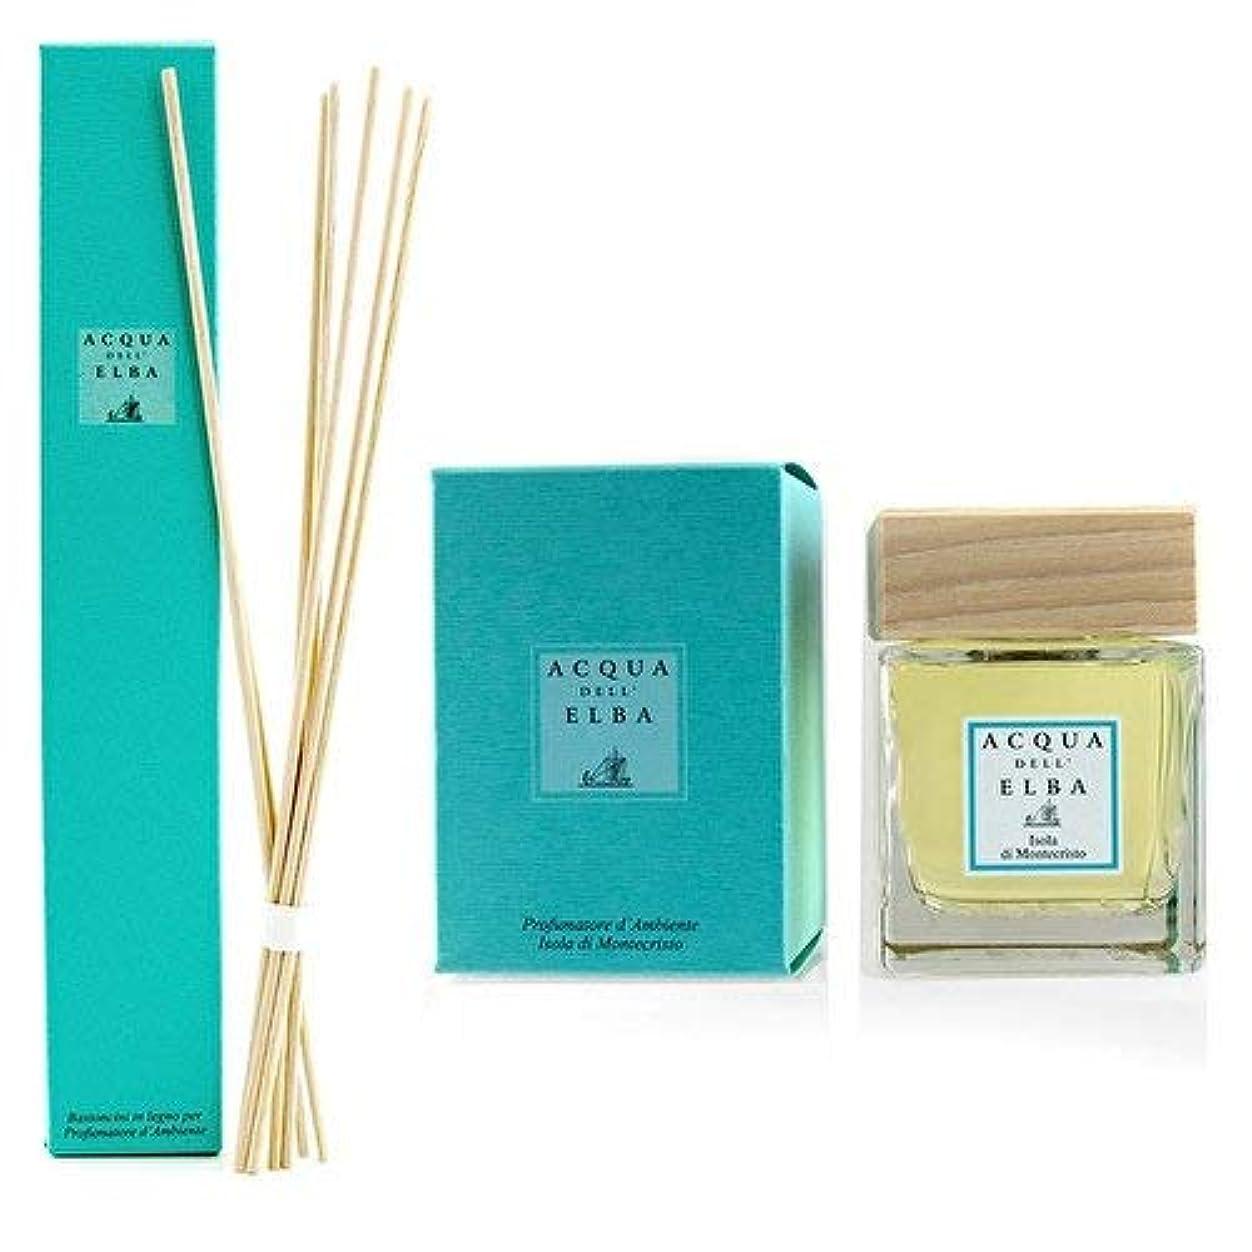 現像電気の原稿アクア?デッレ?エルバ Home Fragrance Diffuser - Isola Di Montecristo 200ml/6.8oz並行輸入品